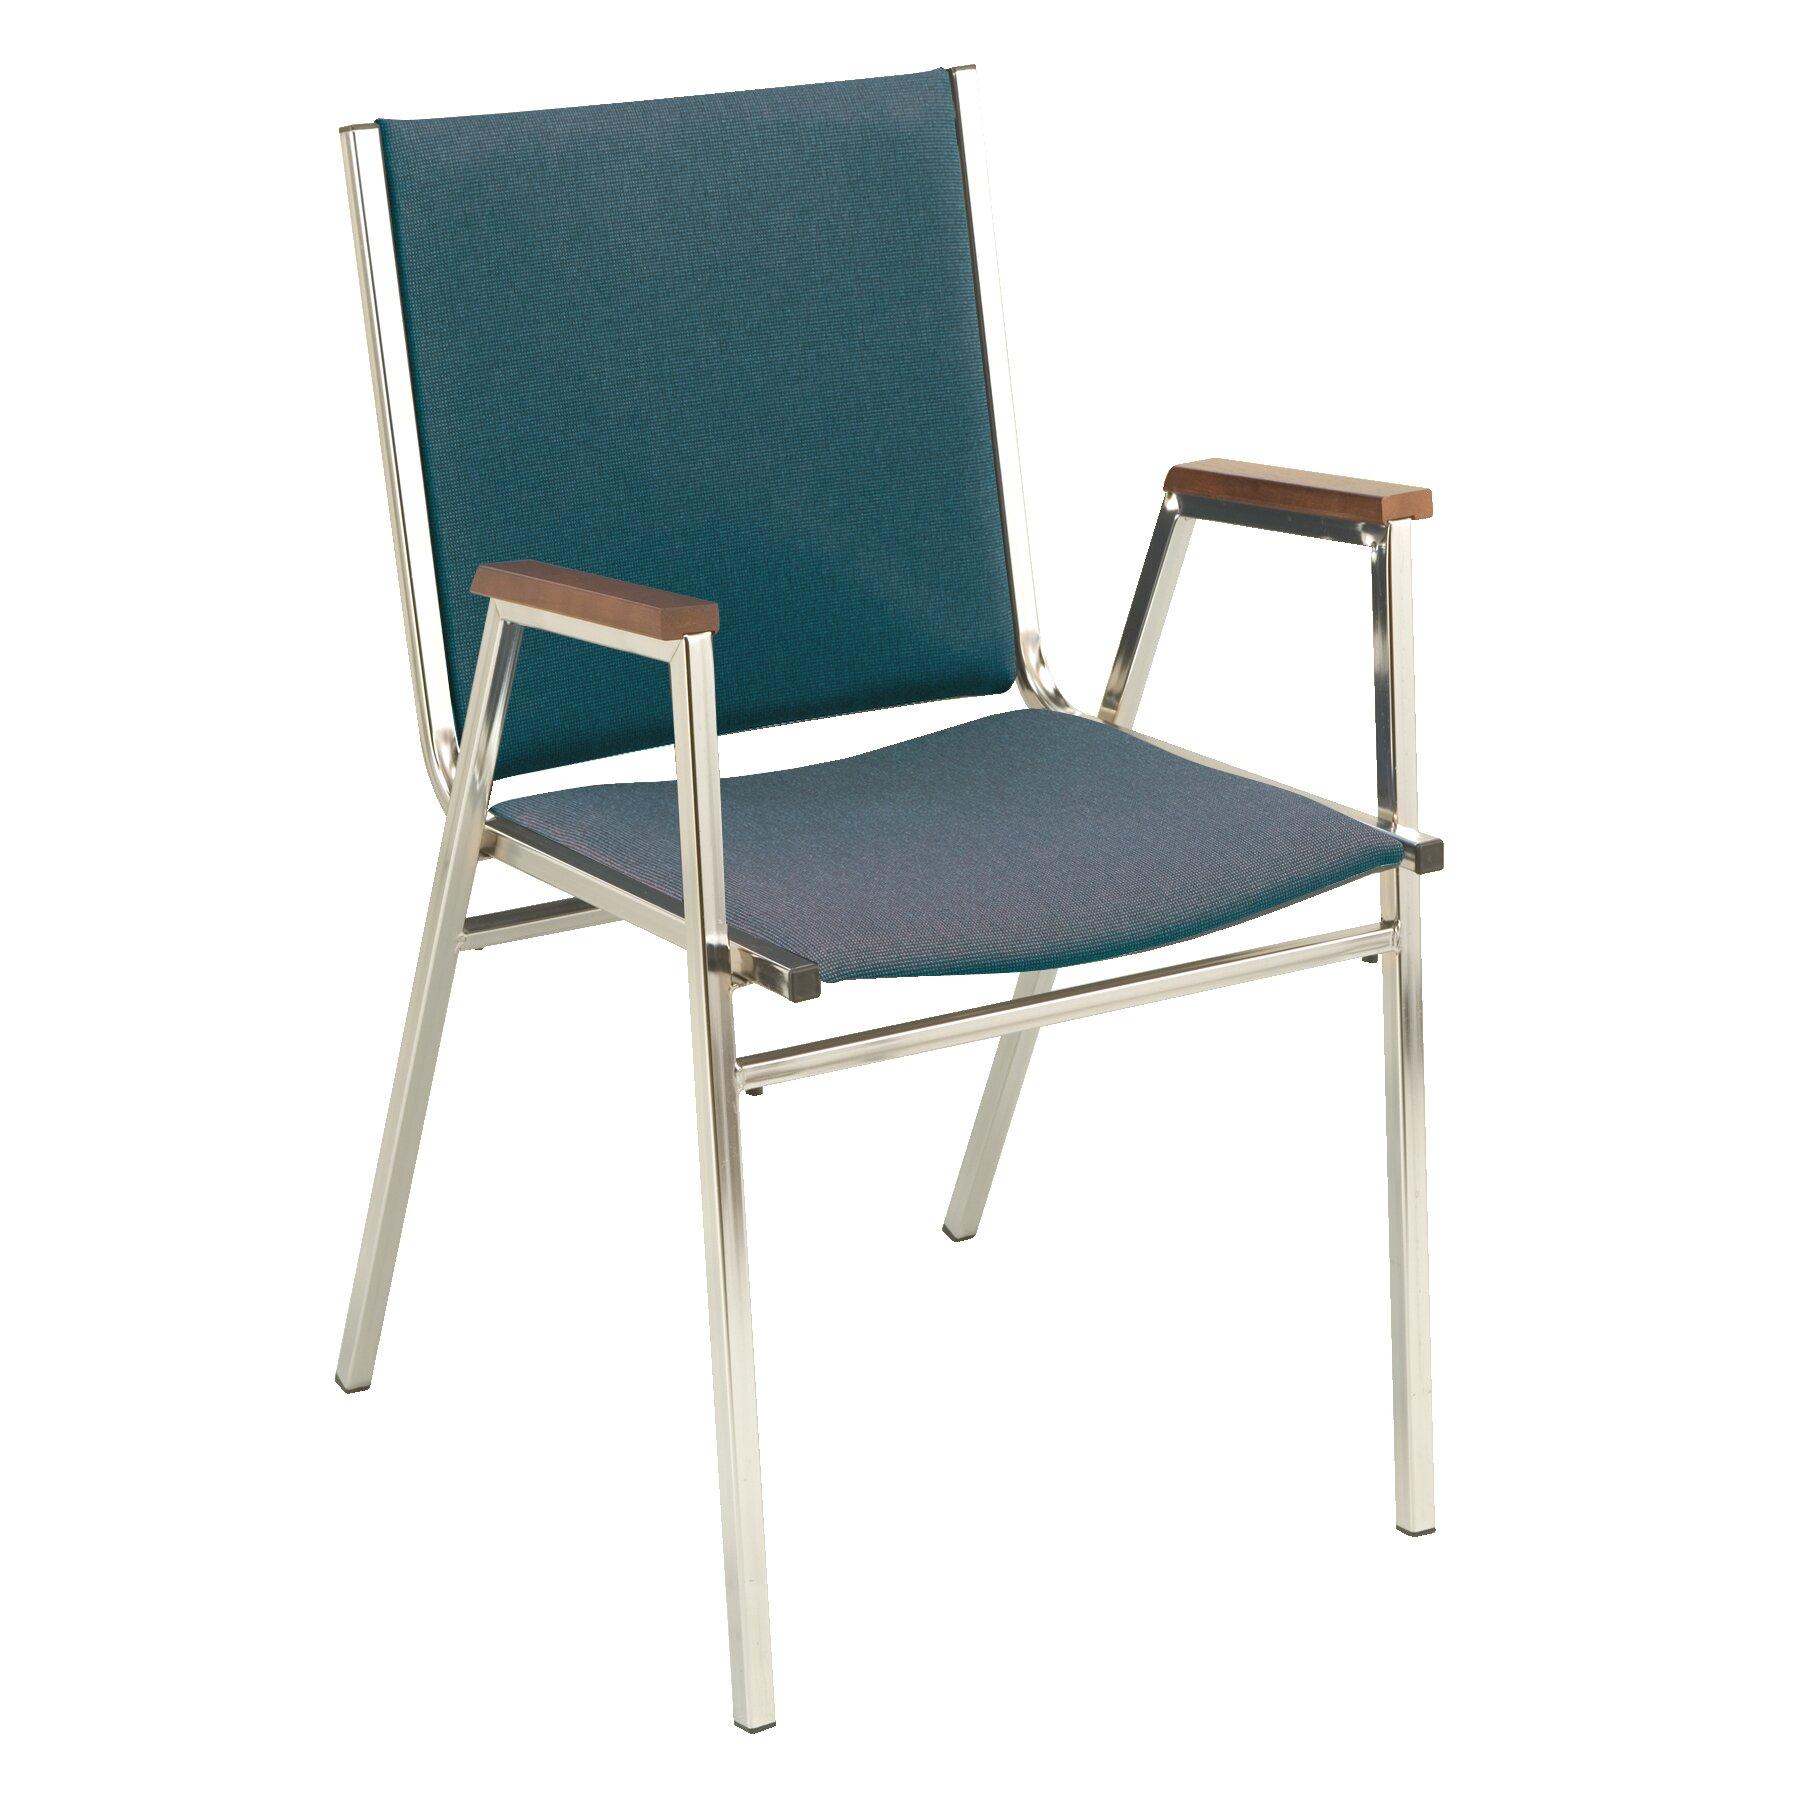 KFI Seating Stacking Chair Reviews Wayfair